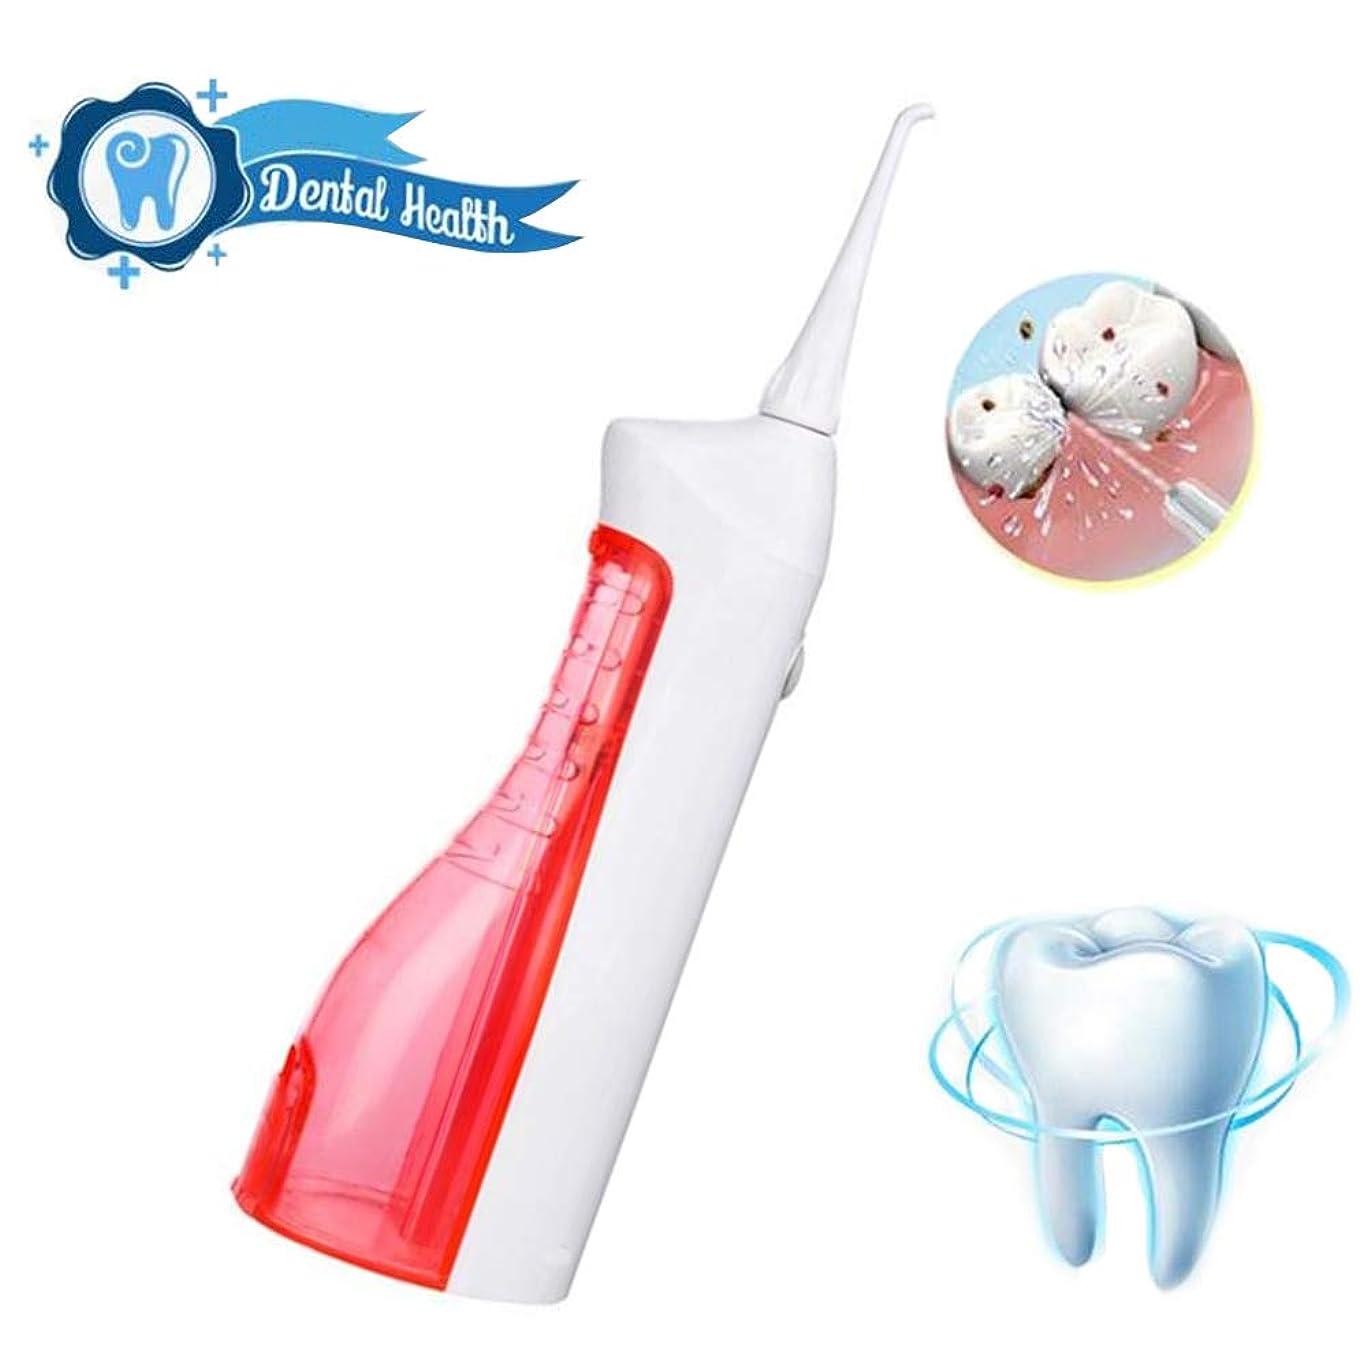 症状常に敏感な歯のためのウォーターフロッサー、ポータブルプロフェッショナルコードレス歯科口腔灌漑器(150mlタンク、2本のジェットチップ付き)歯磨き粉用クリーナー、2つのクリーニングモード、USB充電式、IPX7